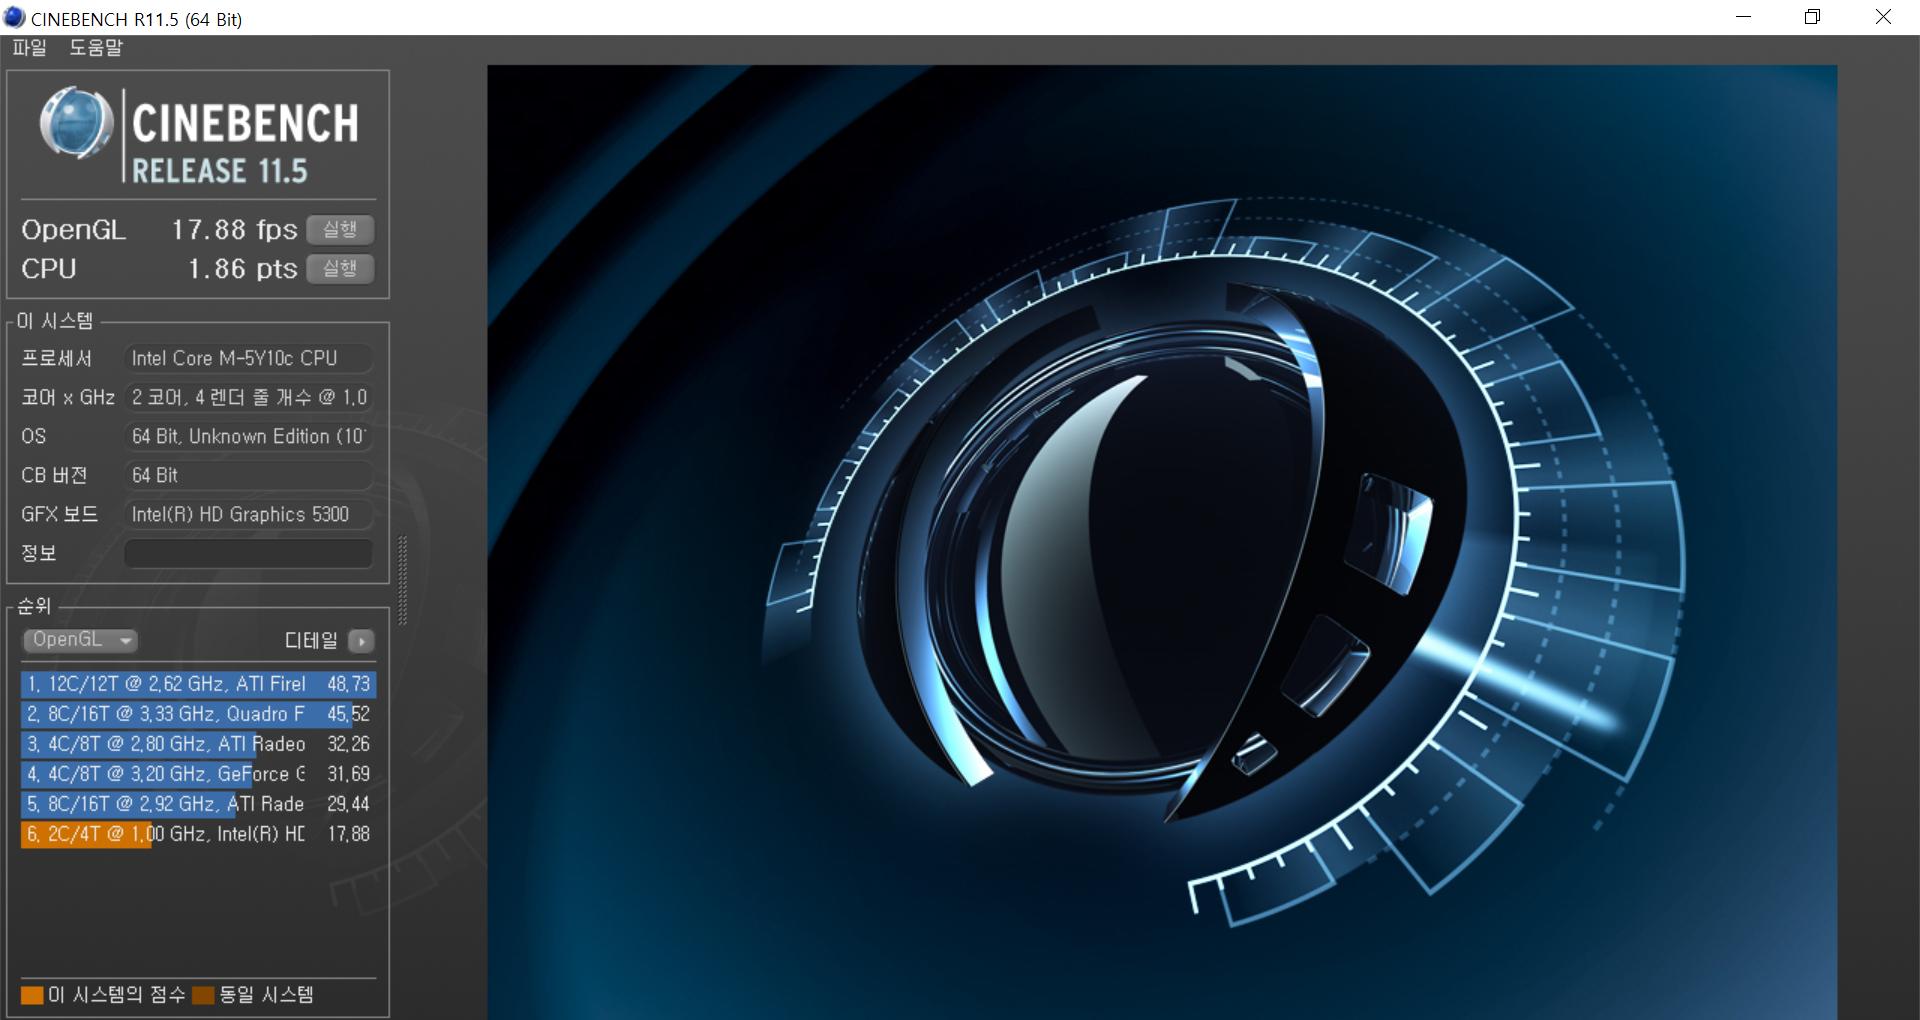 가성비 노트북, 가성비 태블릿, 태블릿 pc, 태블릿pc추천, it, 리뷰, 아이뮤즈 울트라스톰11, 울트라스톰 11, 2in1 노트북, 2in1 태블릿pc, OCer